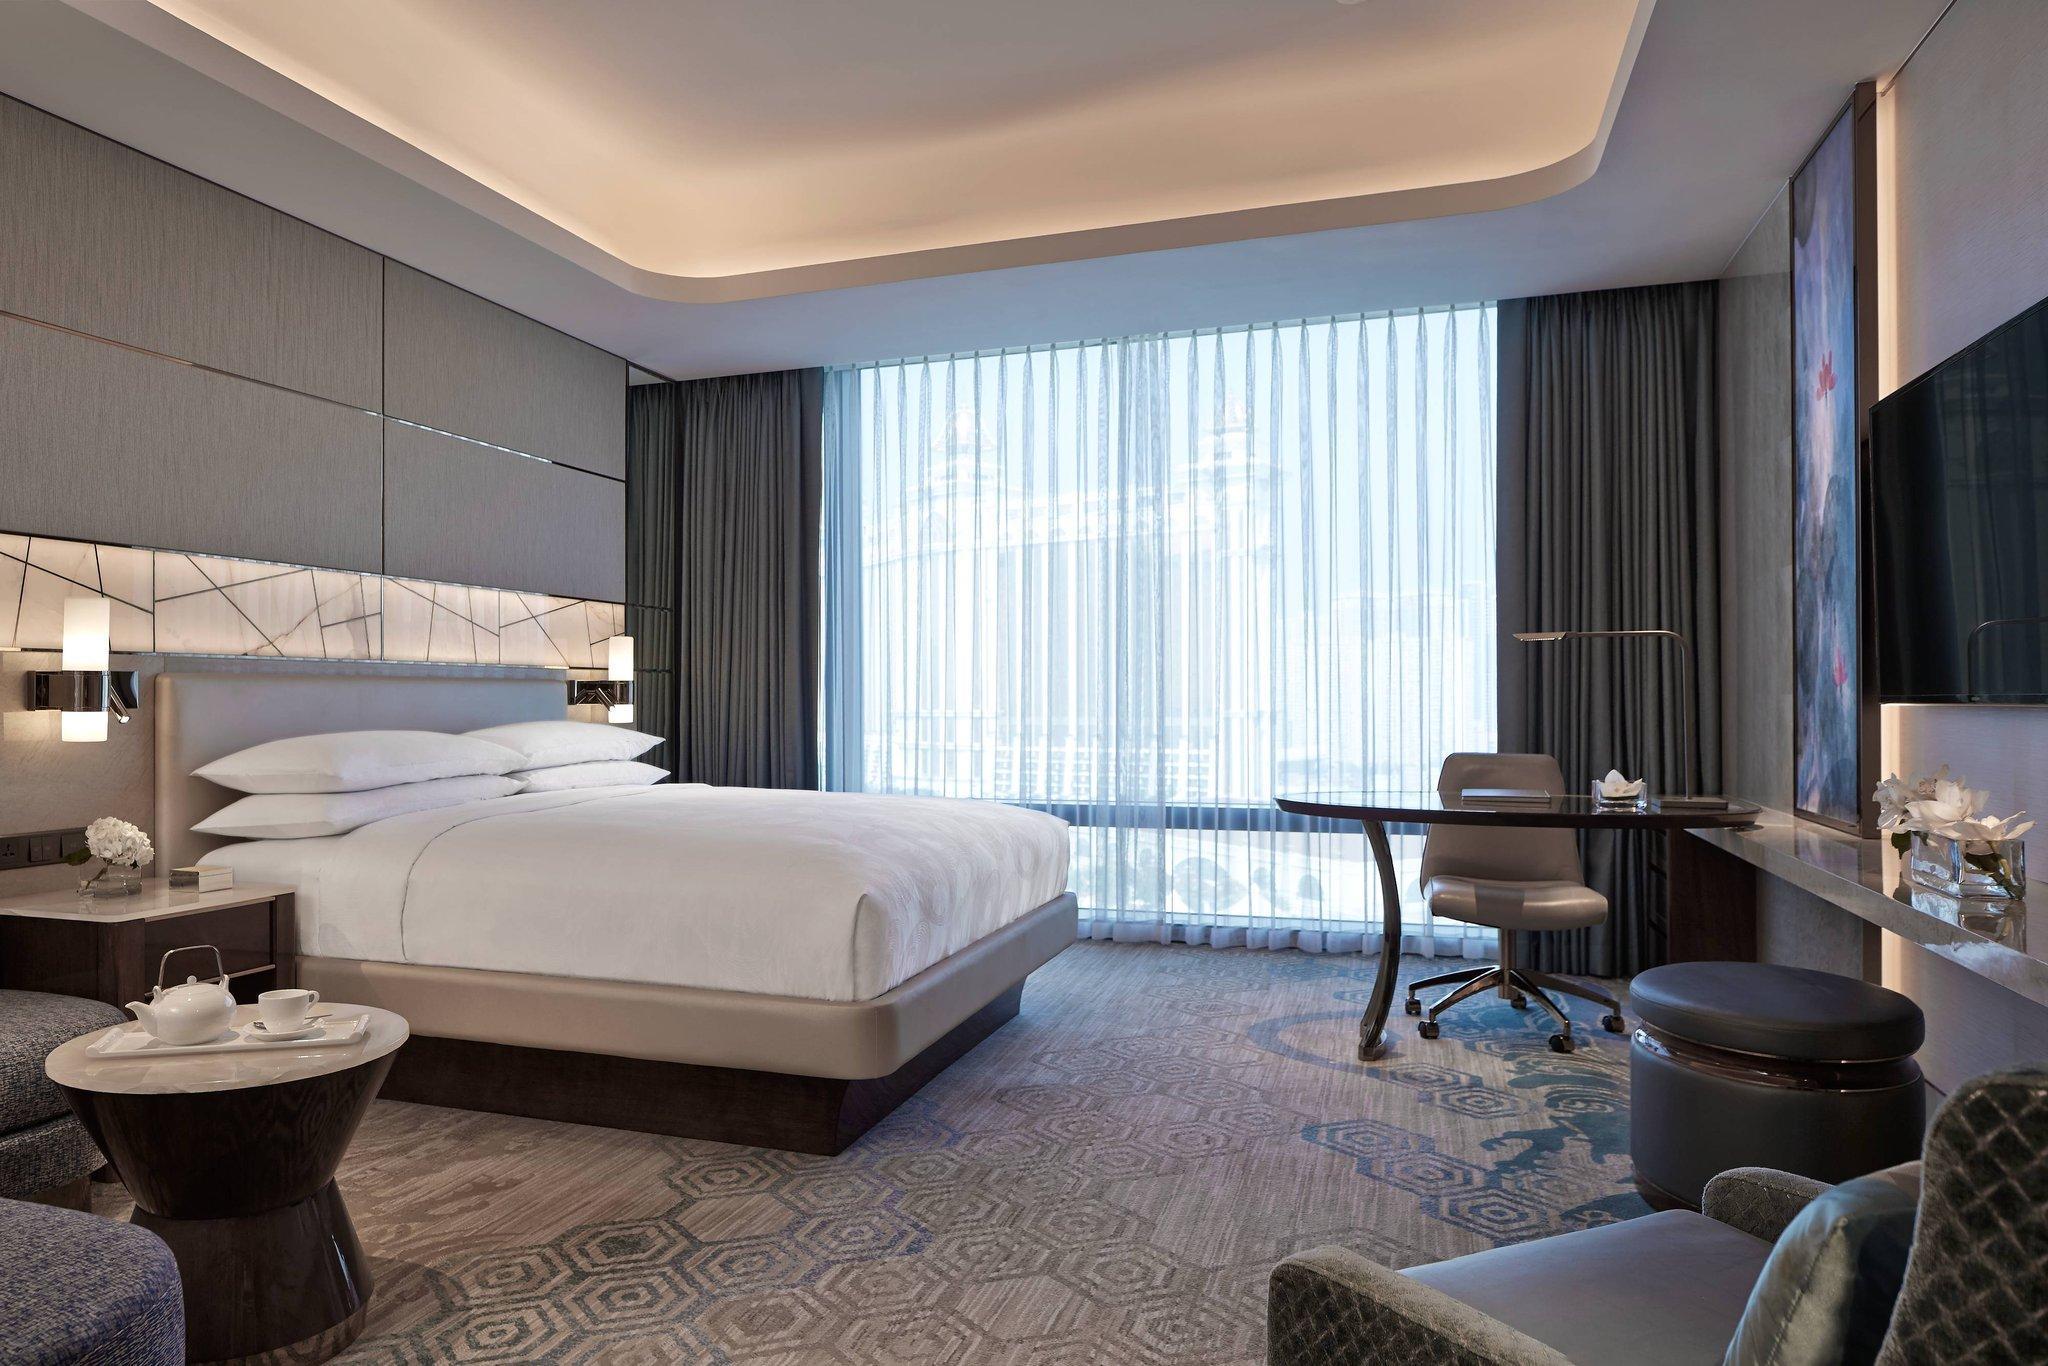 澳門澳門JW萬豪酒店 (JW Marriott Hotel Macau) - Agoda 提供行程前一刻網上即時優惠價格訂房服務